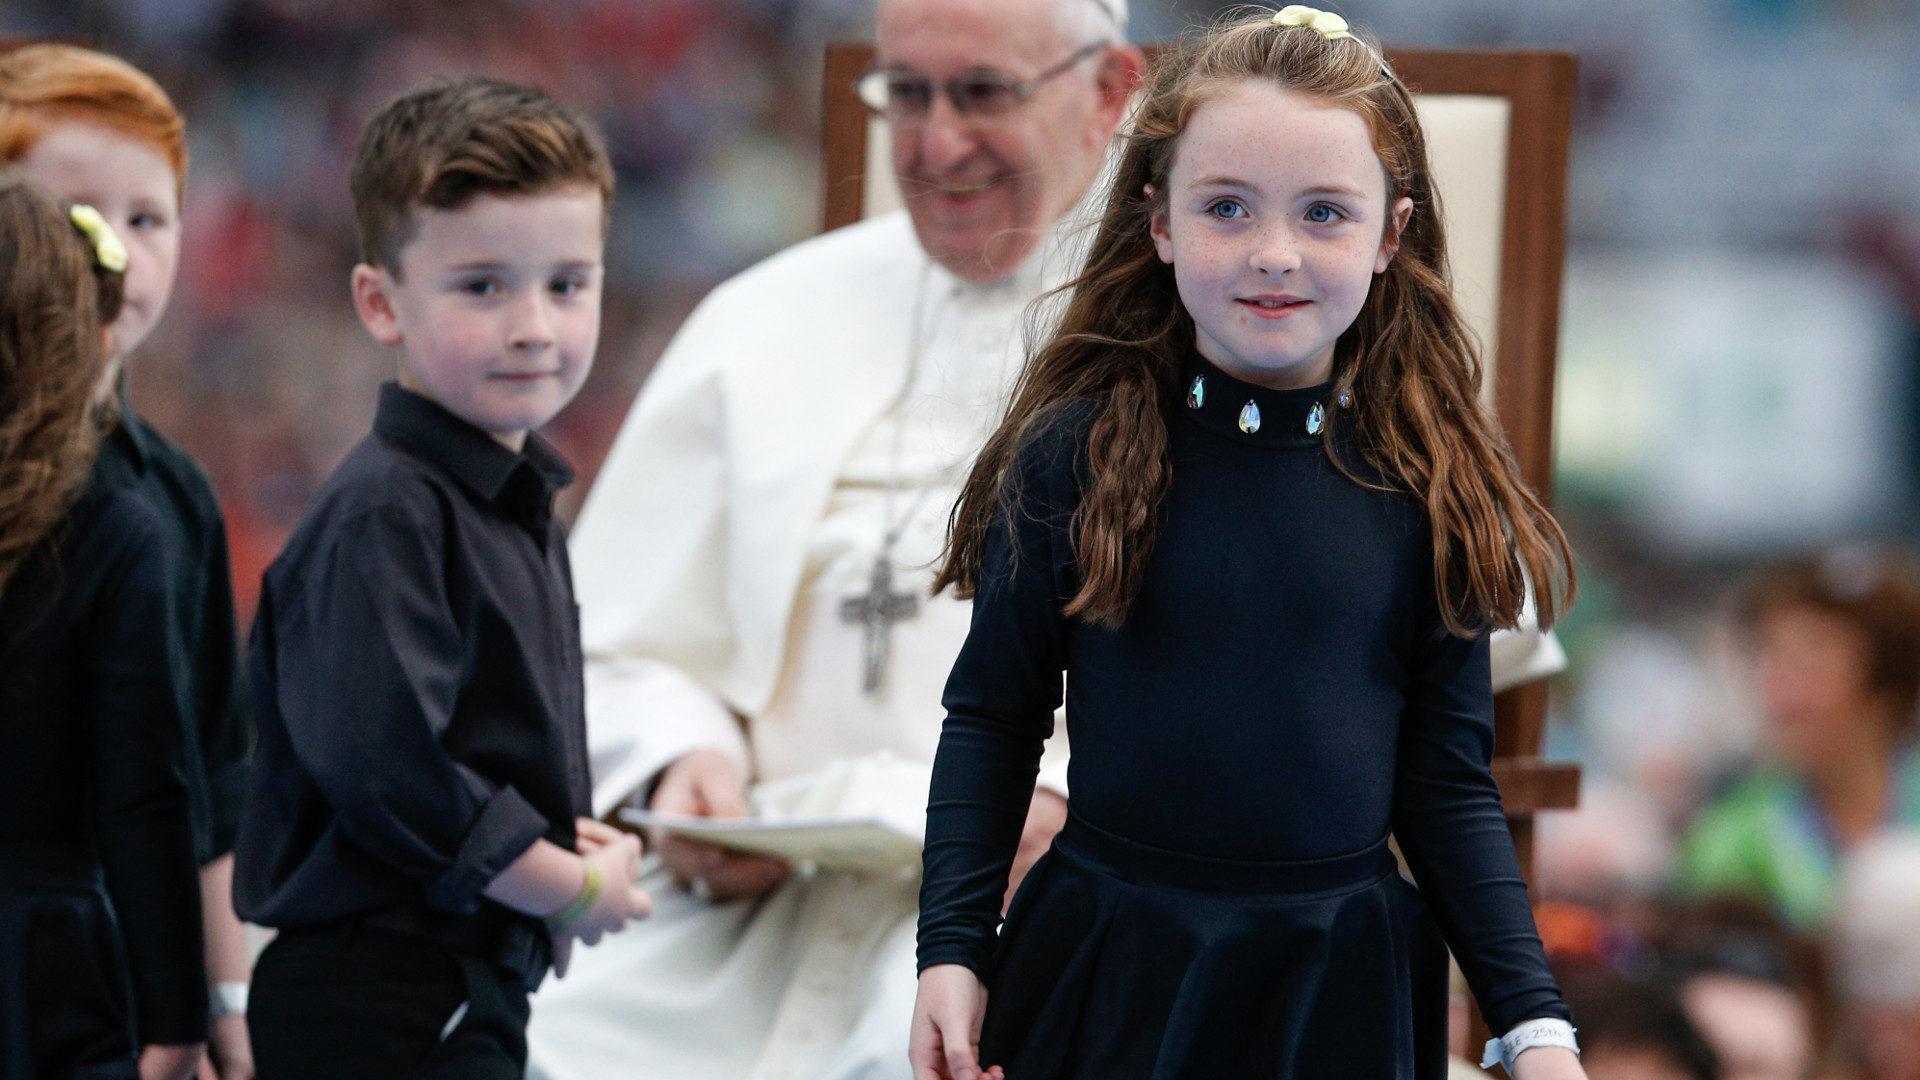 Papst Franziskus empfängt Kinder beim Weltfamilientreffen in Dublin 2018.   © KNA